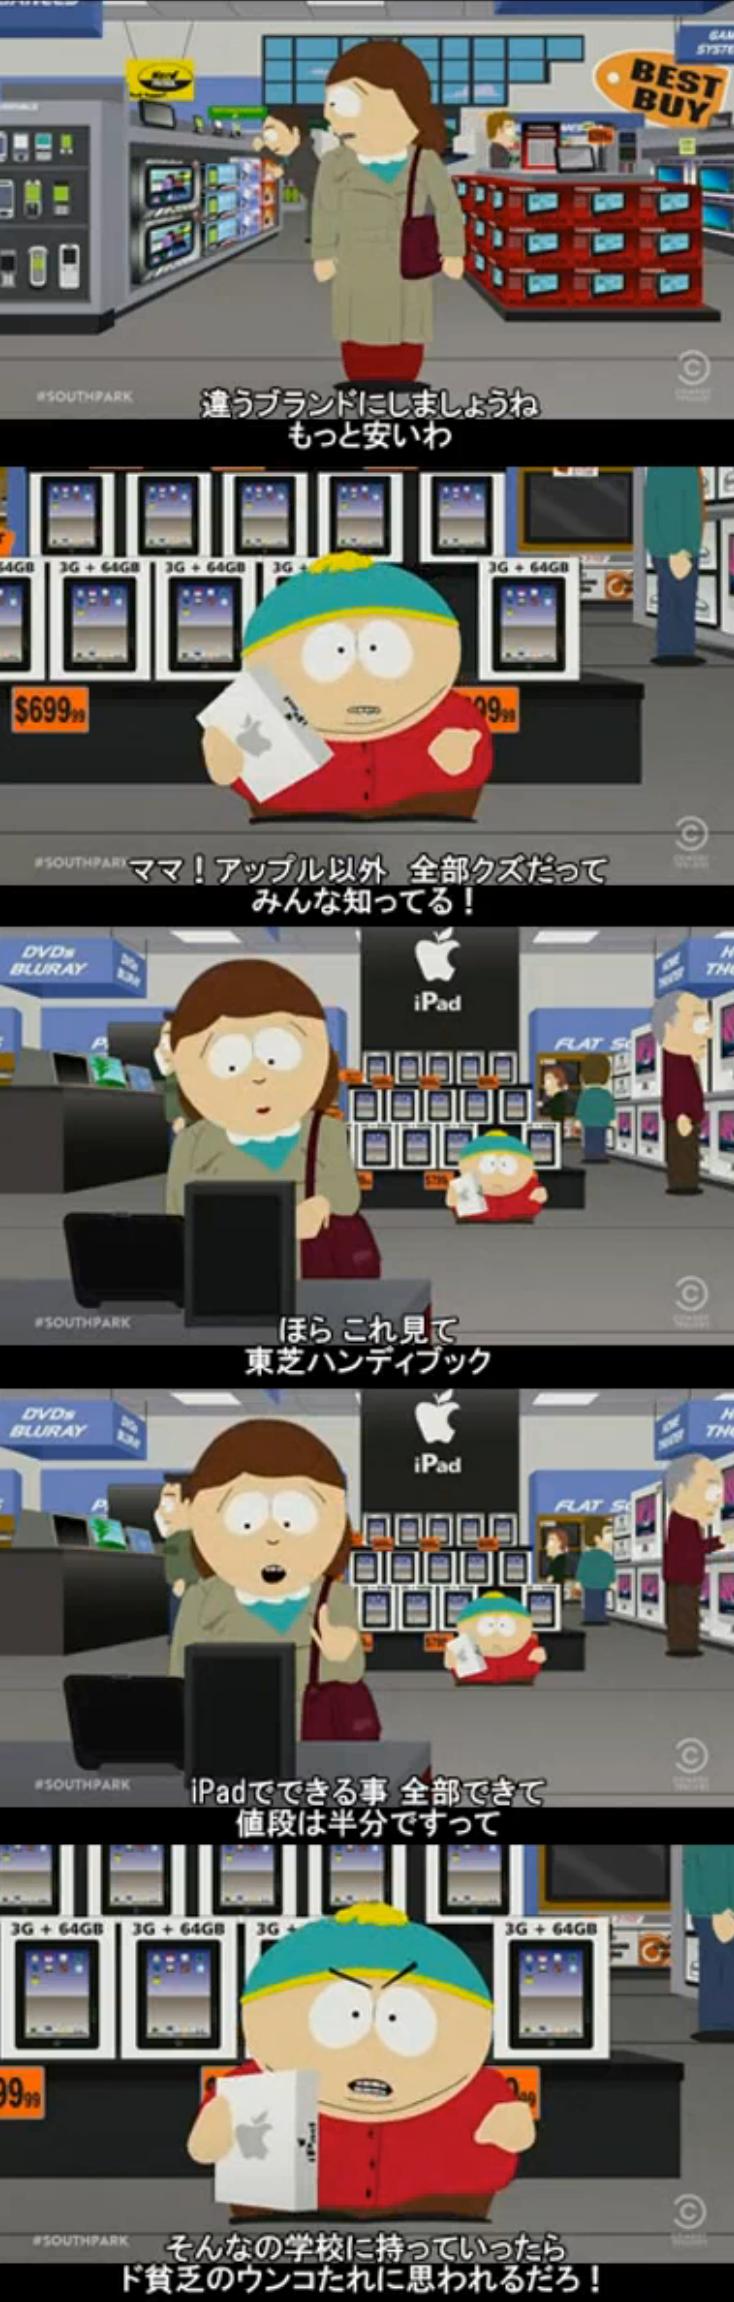 アメリカ人「日本製?あんなもの使ってたらド貧乏のクソ野郎だと思われるじゃねーか!」